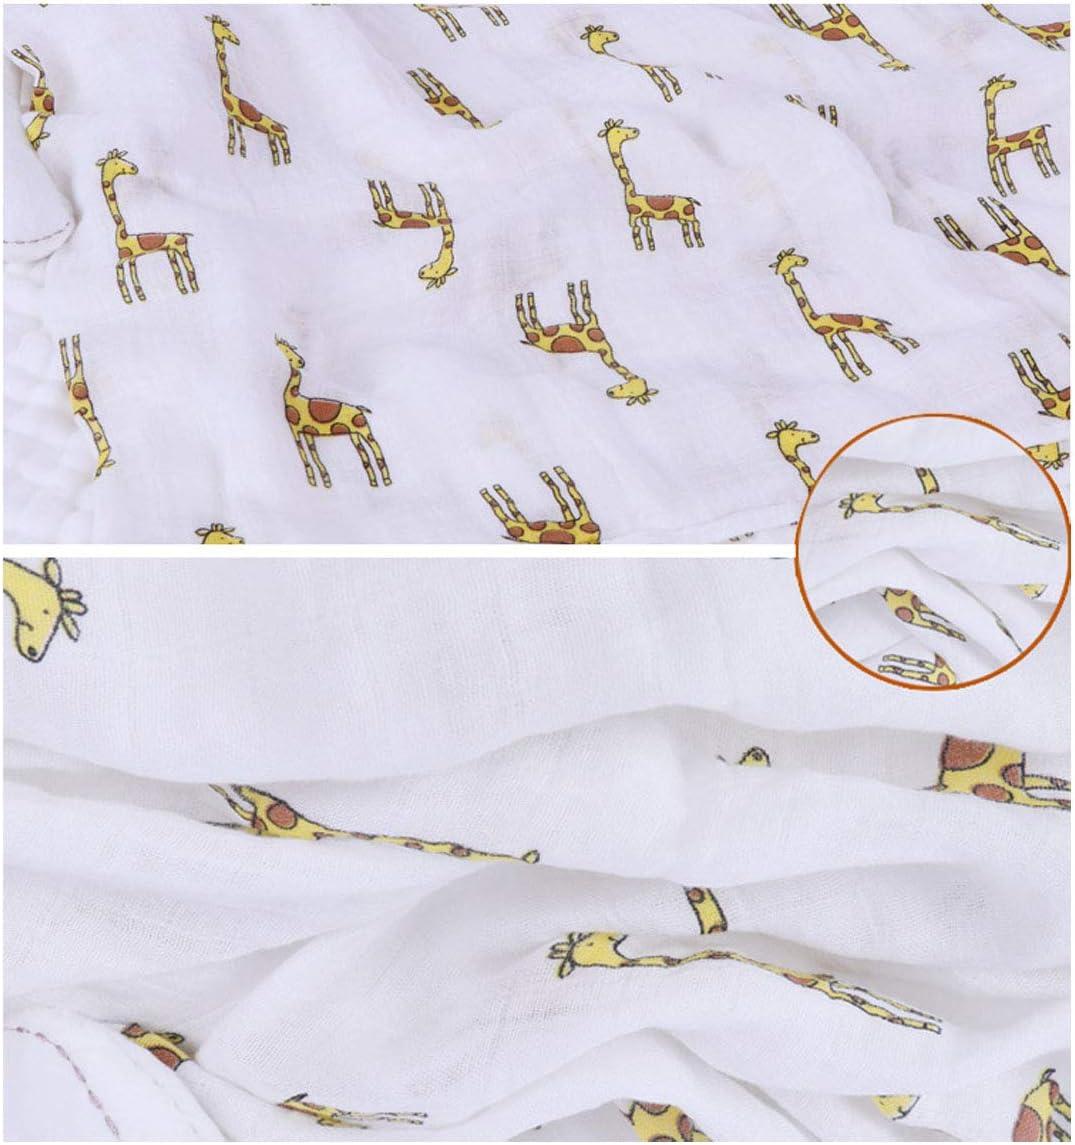 Ymwave Muselina Manta Beb/é Bamb/ú Algod/ón Swaddle Mantas 110 x 120 cm Adecuado para Ni/ña o Ni/ño